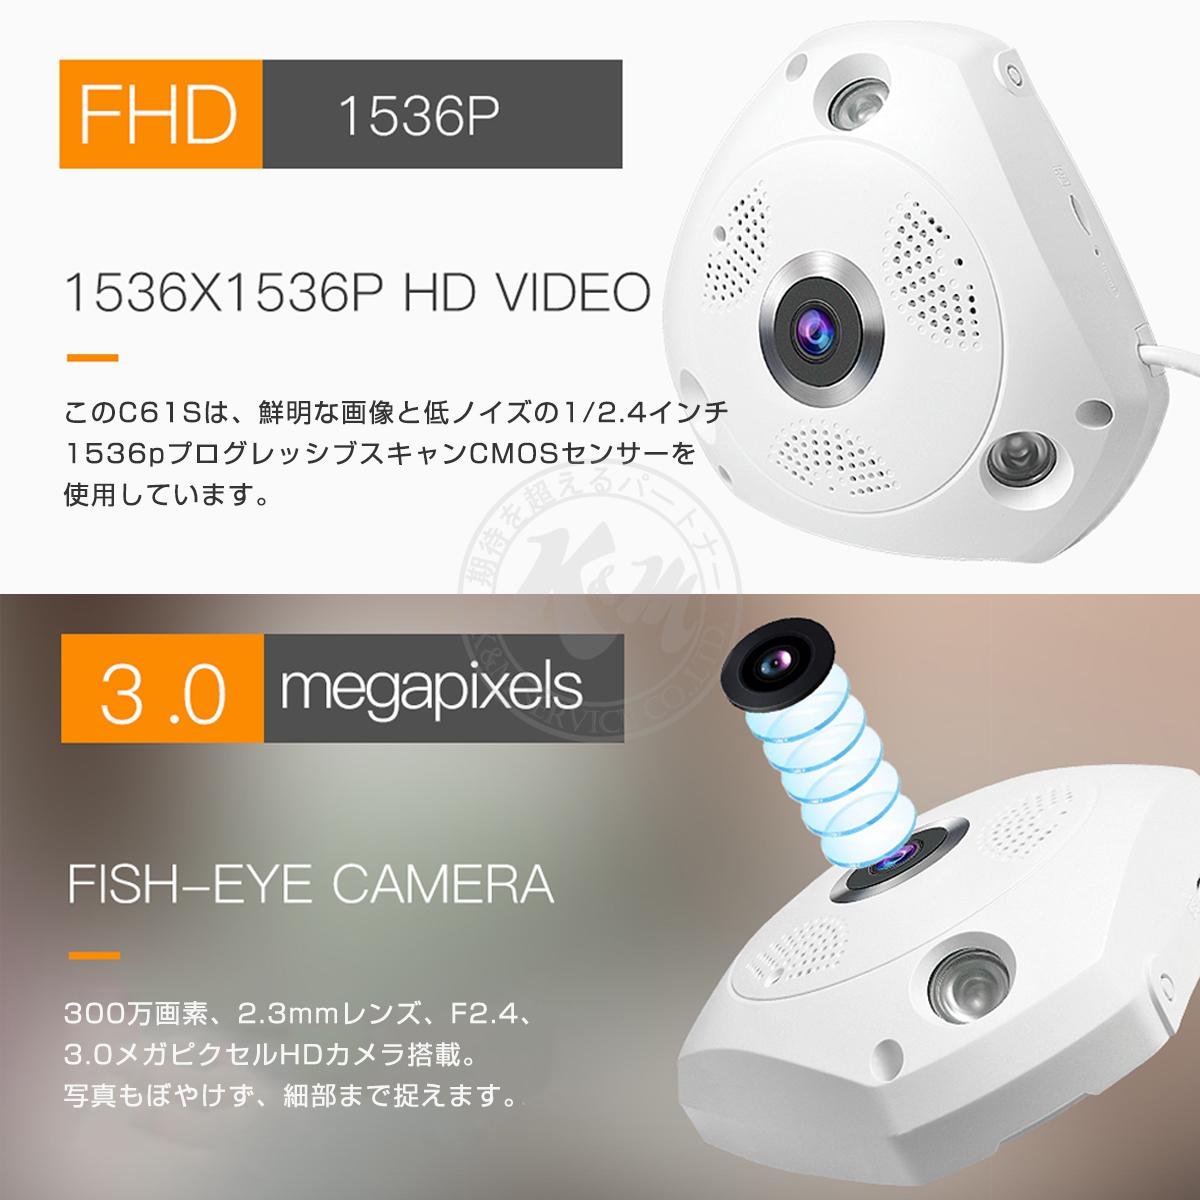 防犯カメラ ワイヤレス C61S SDカード256GB同梱モデル商品 VStarcam 300万画素 ONVIF対応 ネットワークカメラ 魚眼レンズ 360度 全天球 ペット ベビー FHD 1536P WIFI 屋内 MicroSDカード録画 監視 IP カメラ 動体検知 宅配便送料無料 PSE 6ヶ月保証